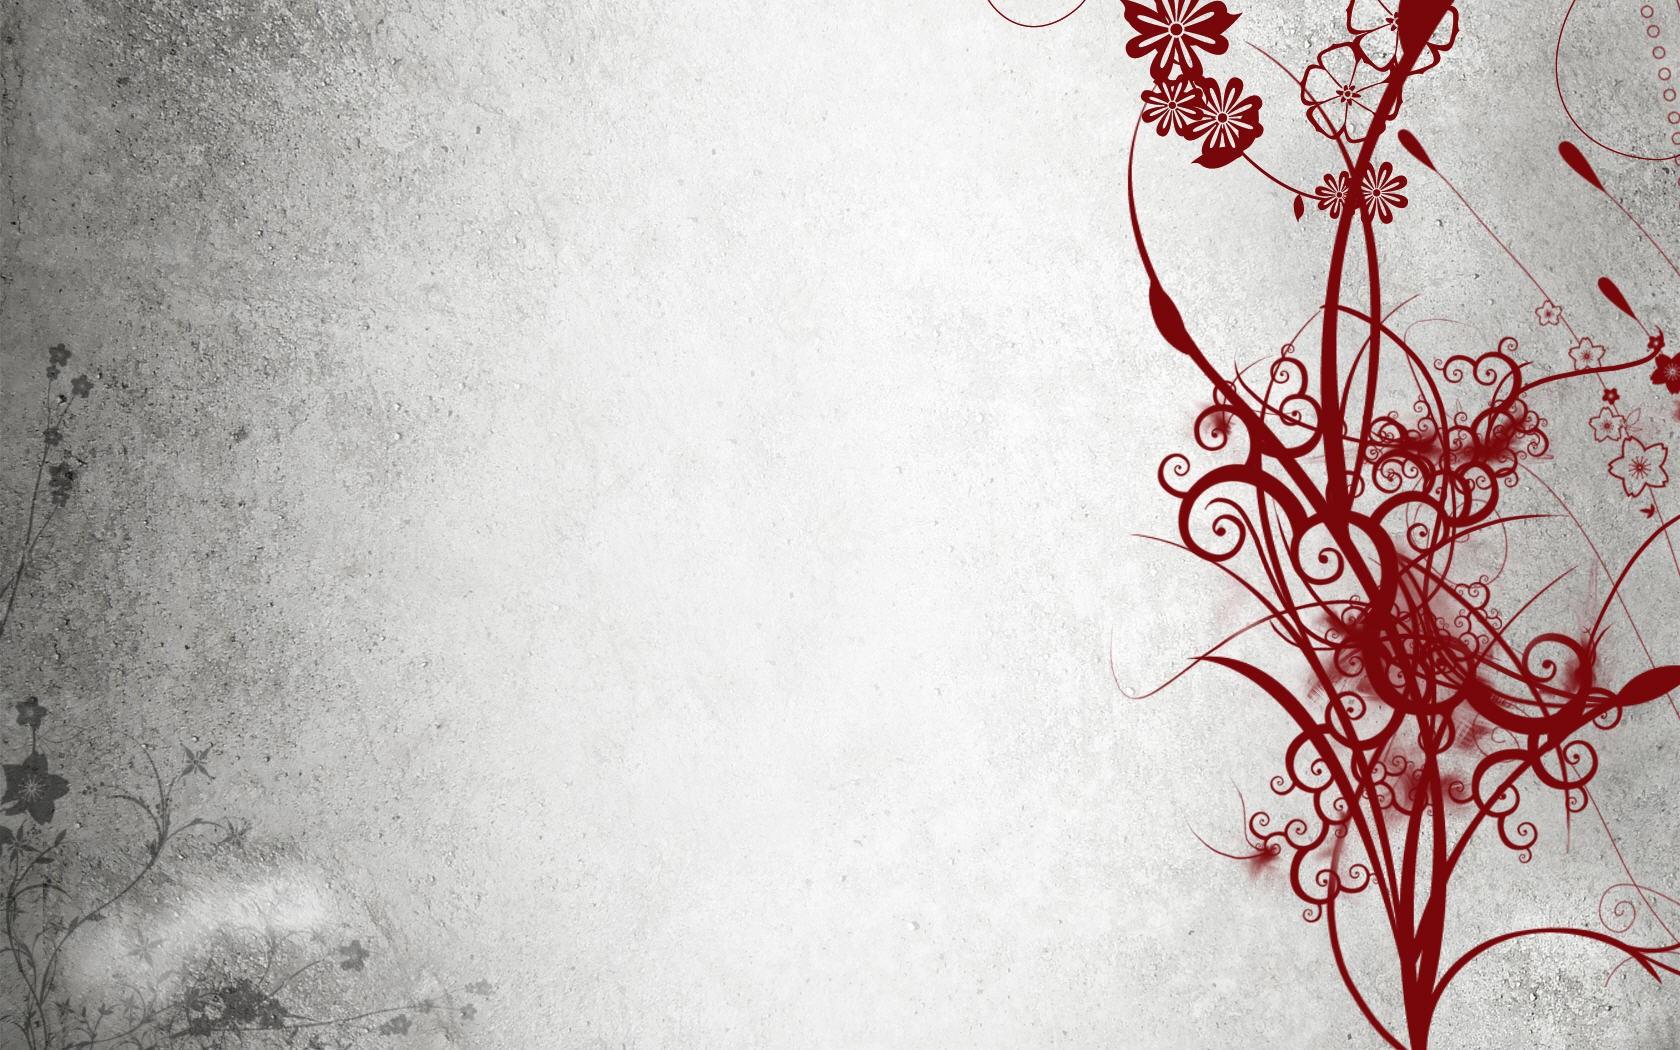 Line Art Flower Design : Wallpaper drawing white digital art monochrome simple